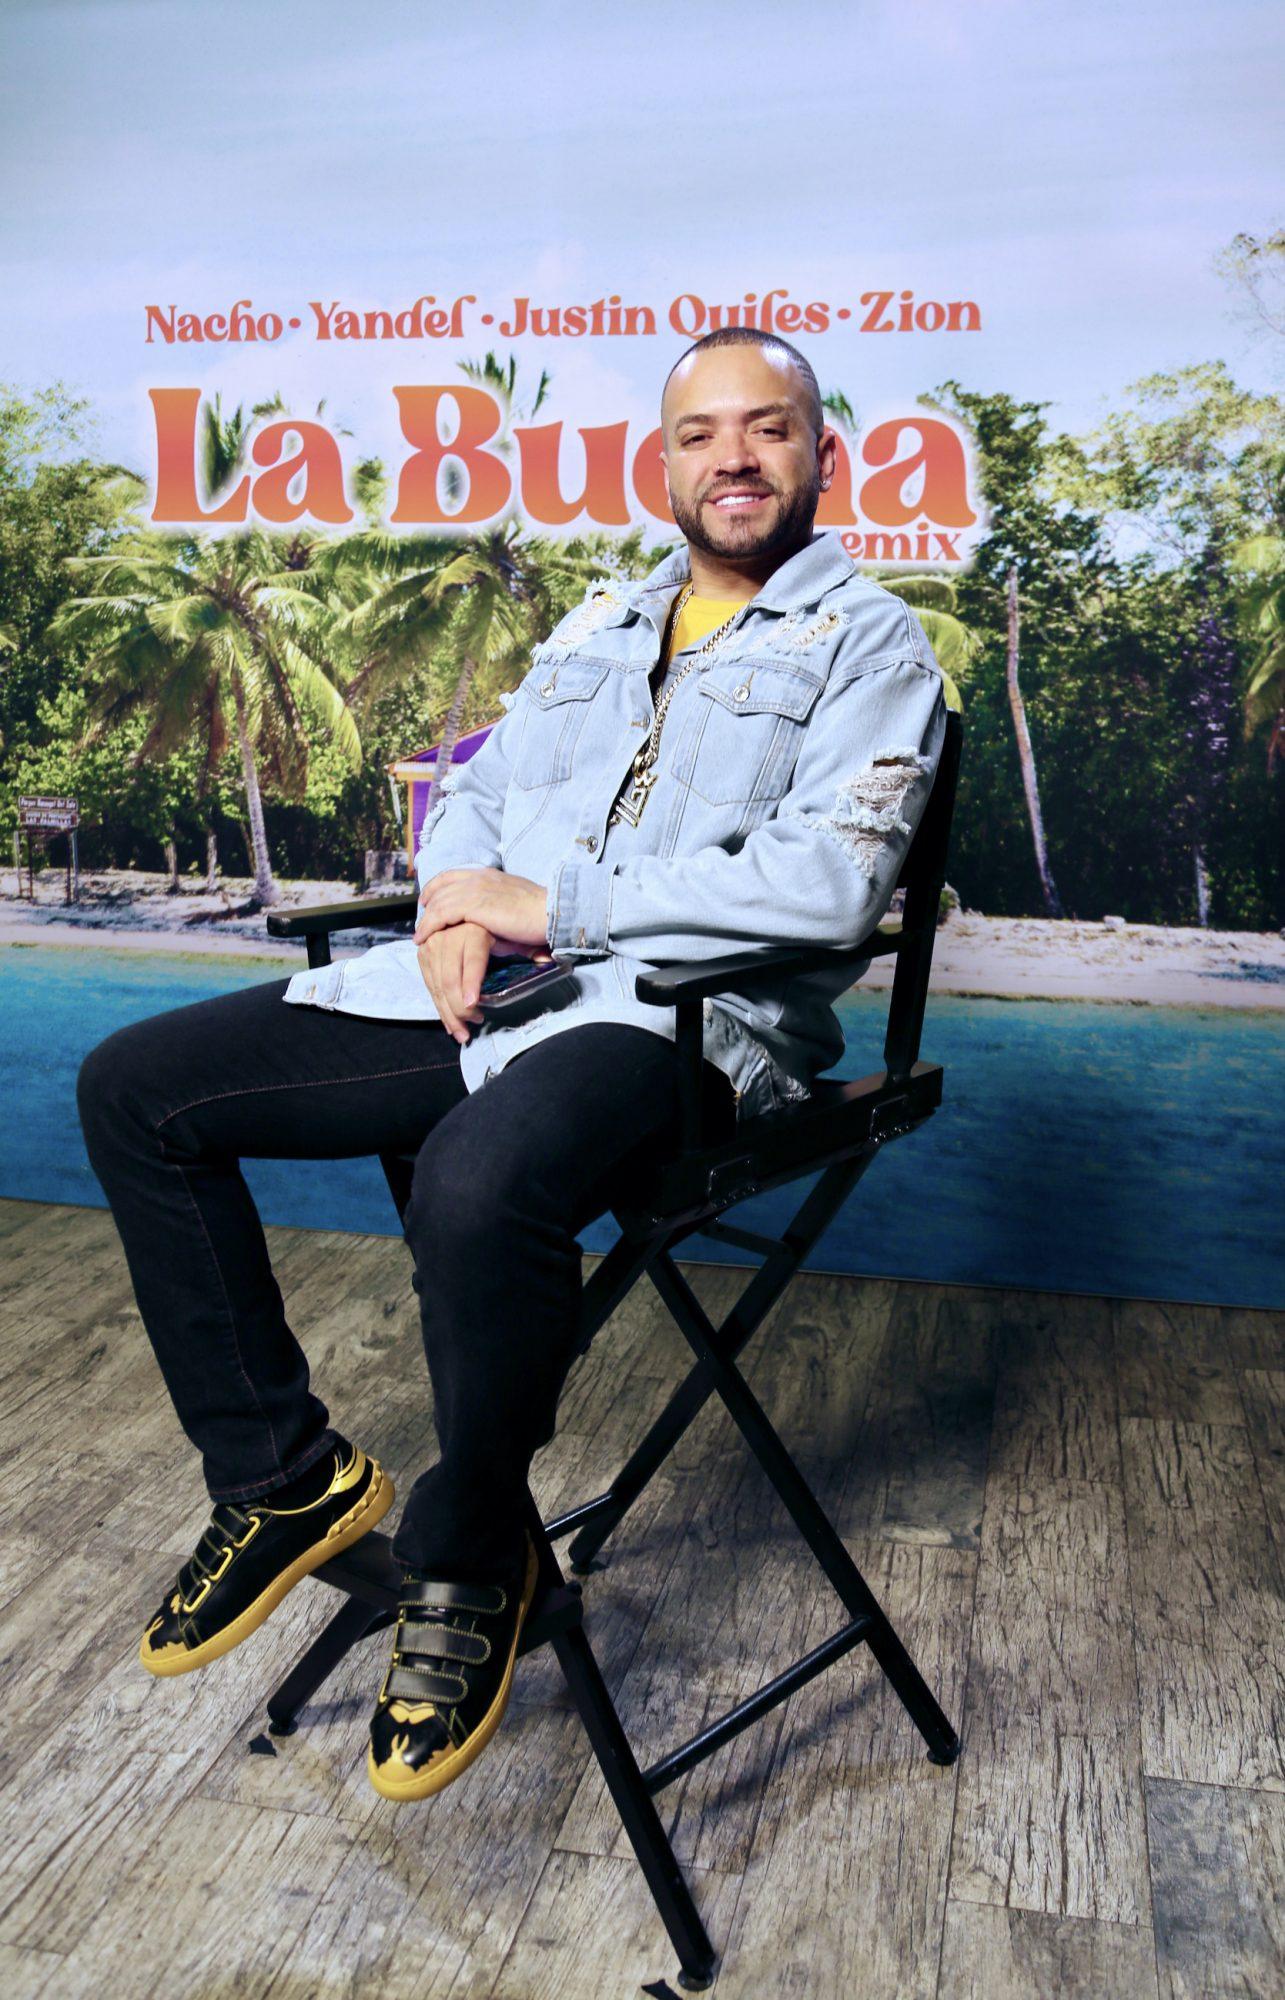 """Nacho cuenta con Yandel y más (Justin Quiles y Zion) para lanzar a modo de remix su más reciente sencillo, """"La Buena"""""""